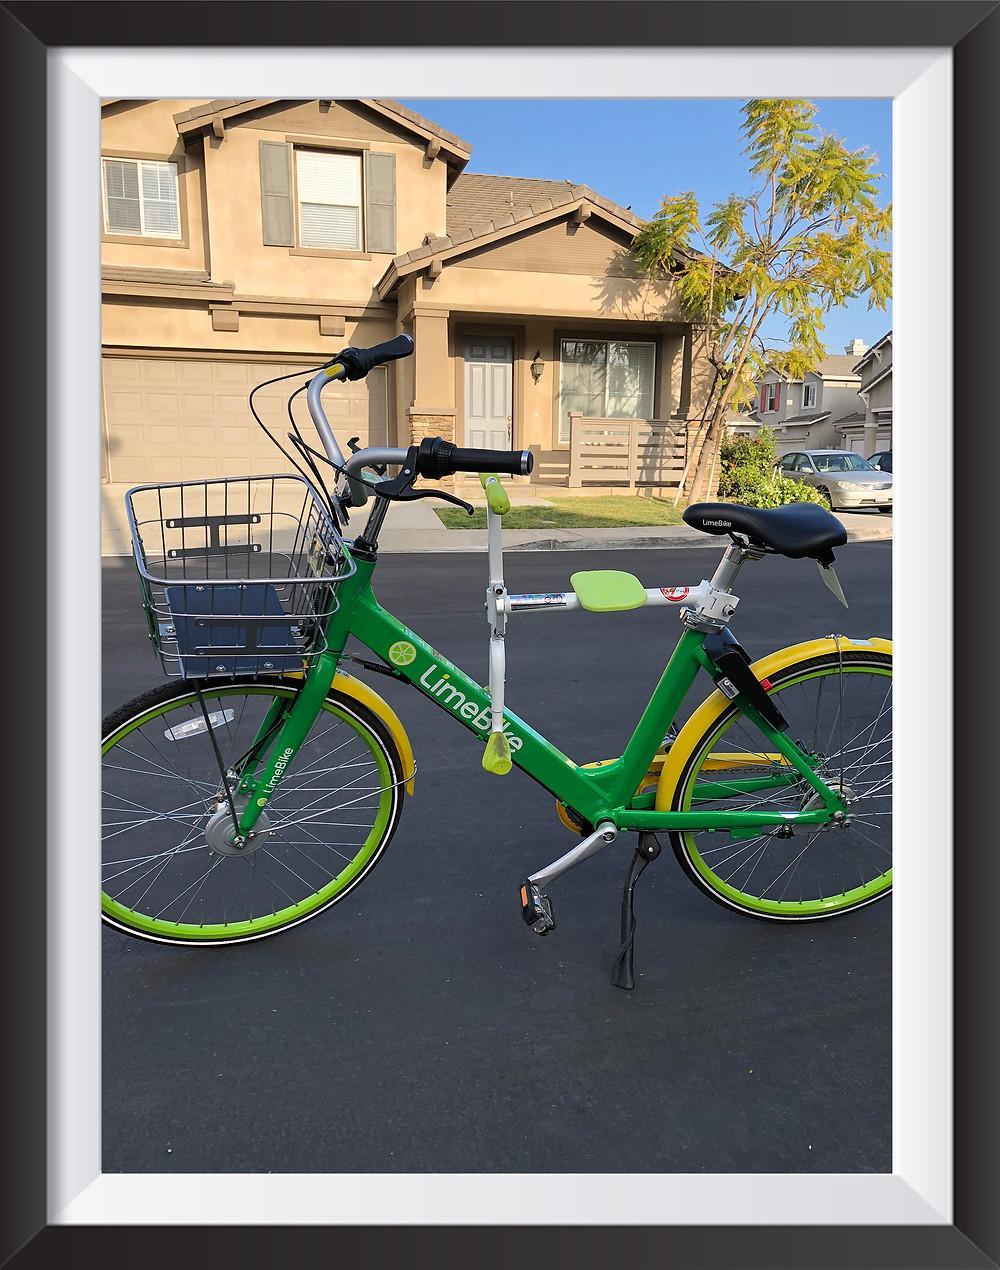 PaPaSeat child bike seat LimeBike